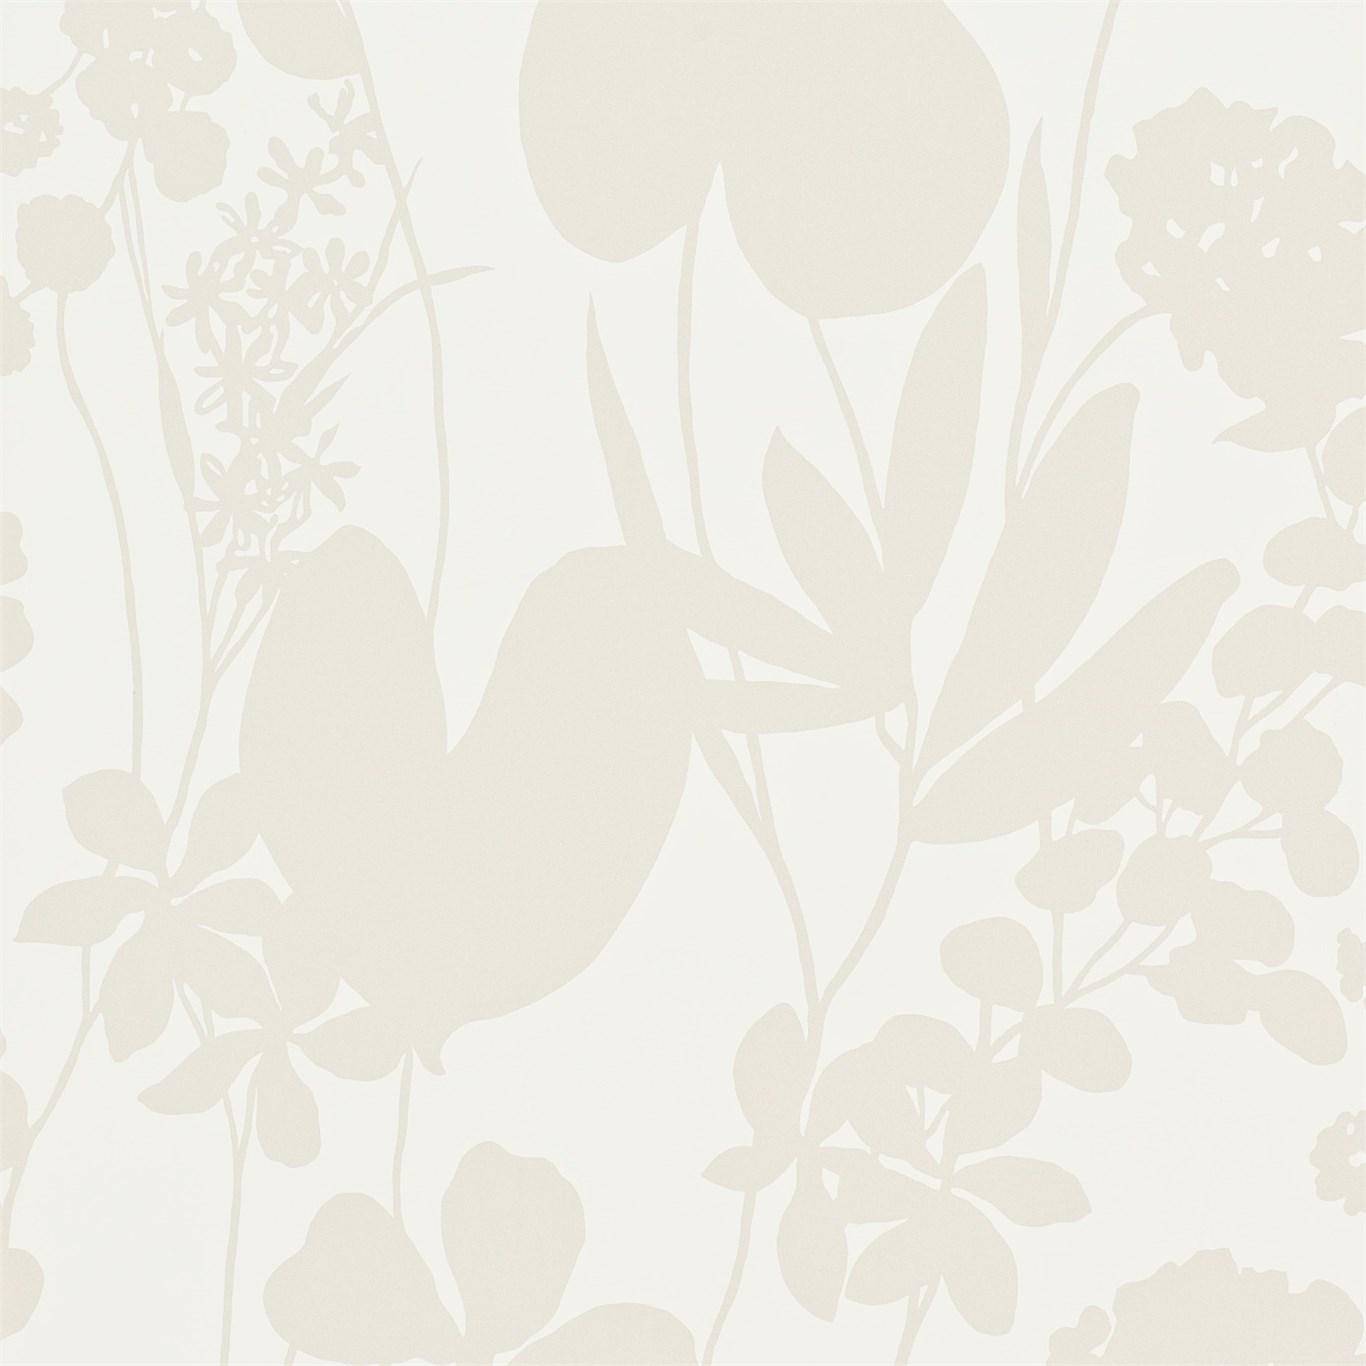 Английские обои Harlequin,  коллекция Amazilia, артикул111053